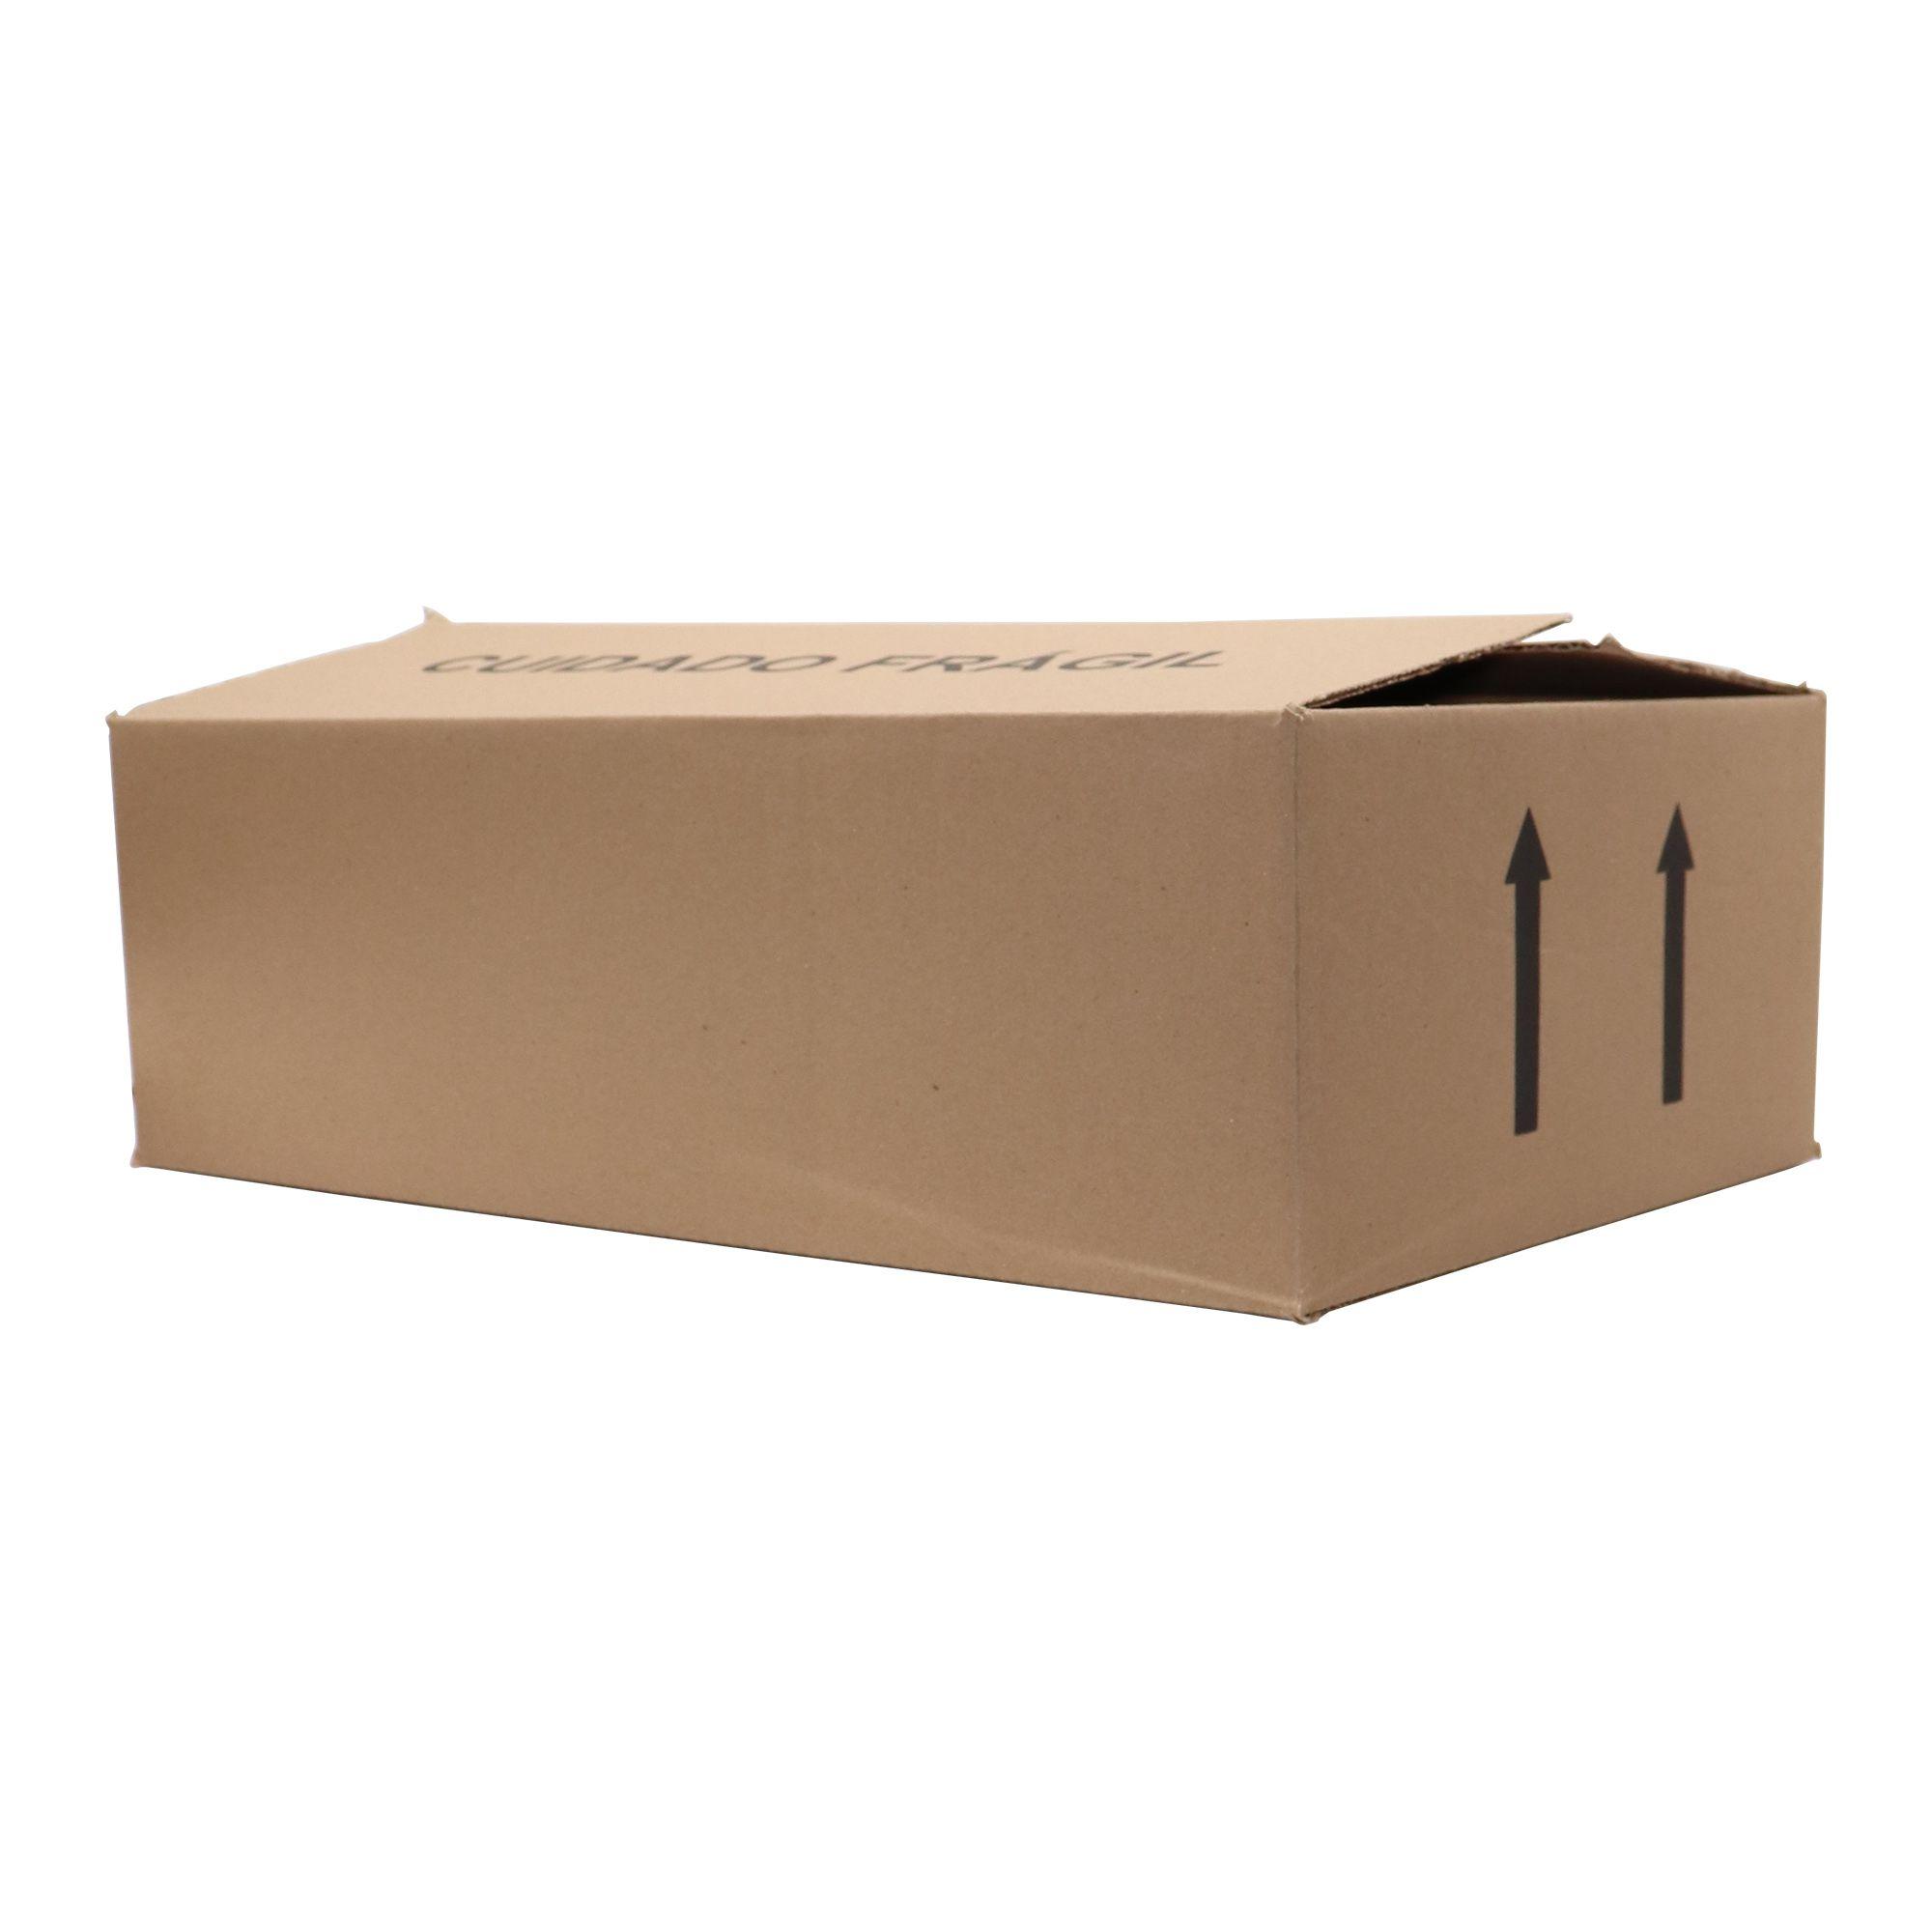 Caixa de Papelão N°100 (13x41x27)